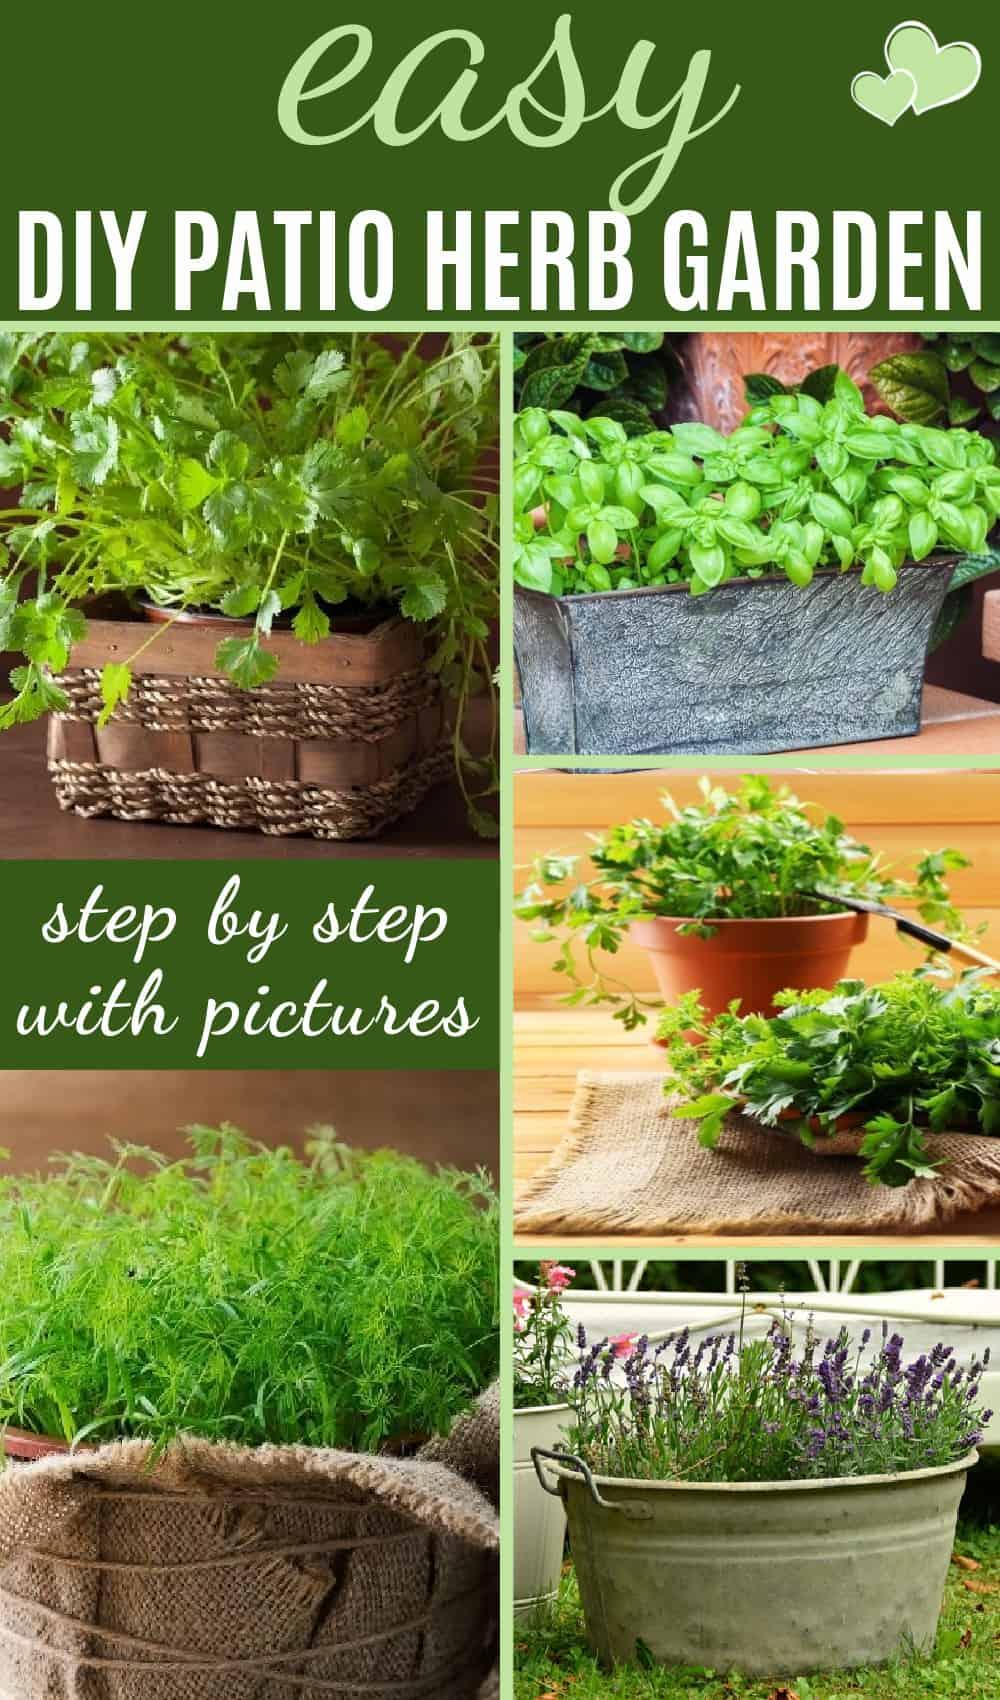 Easy DIY patio herb garden